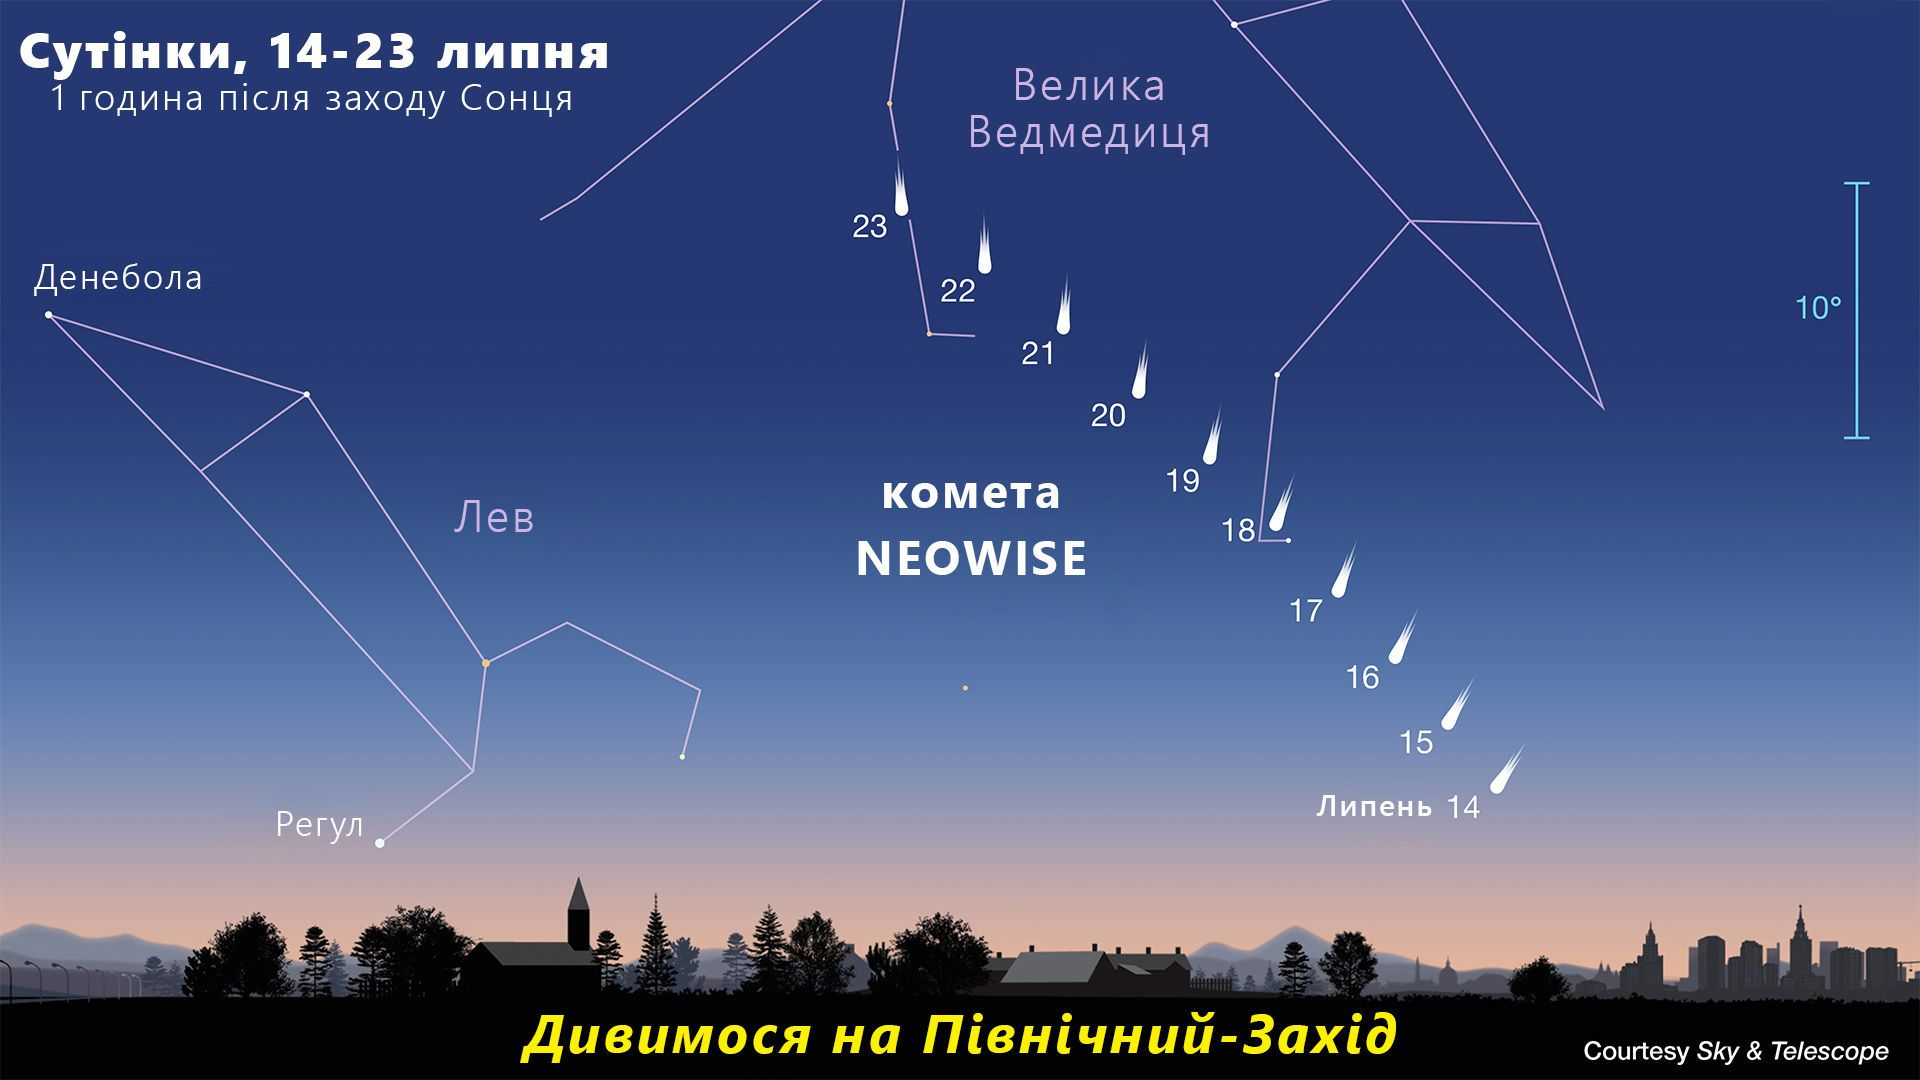 Комета як побачити